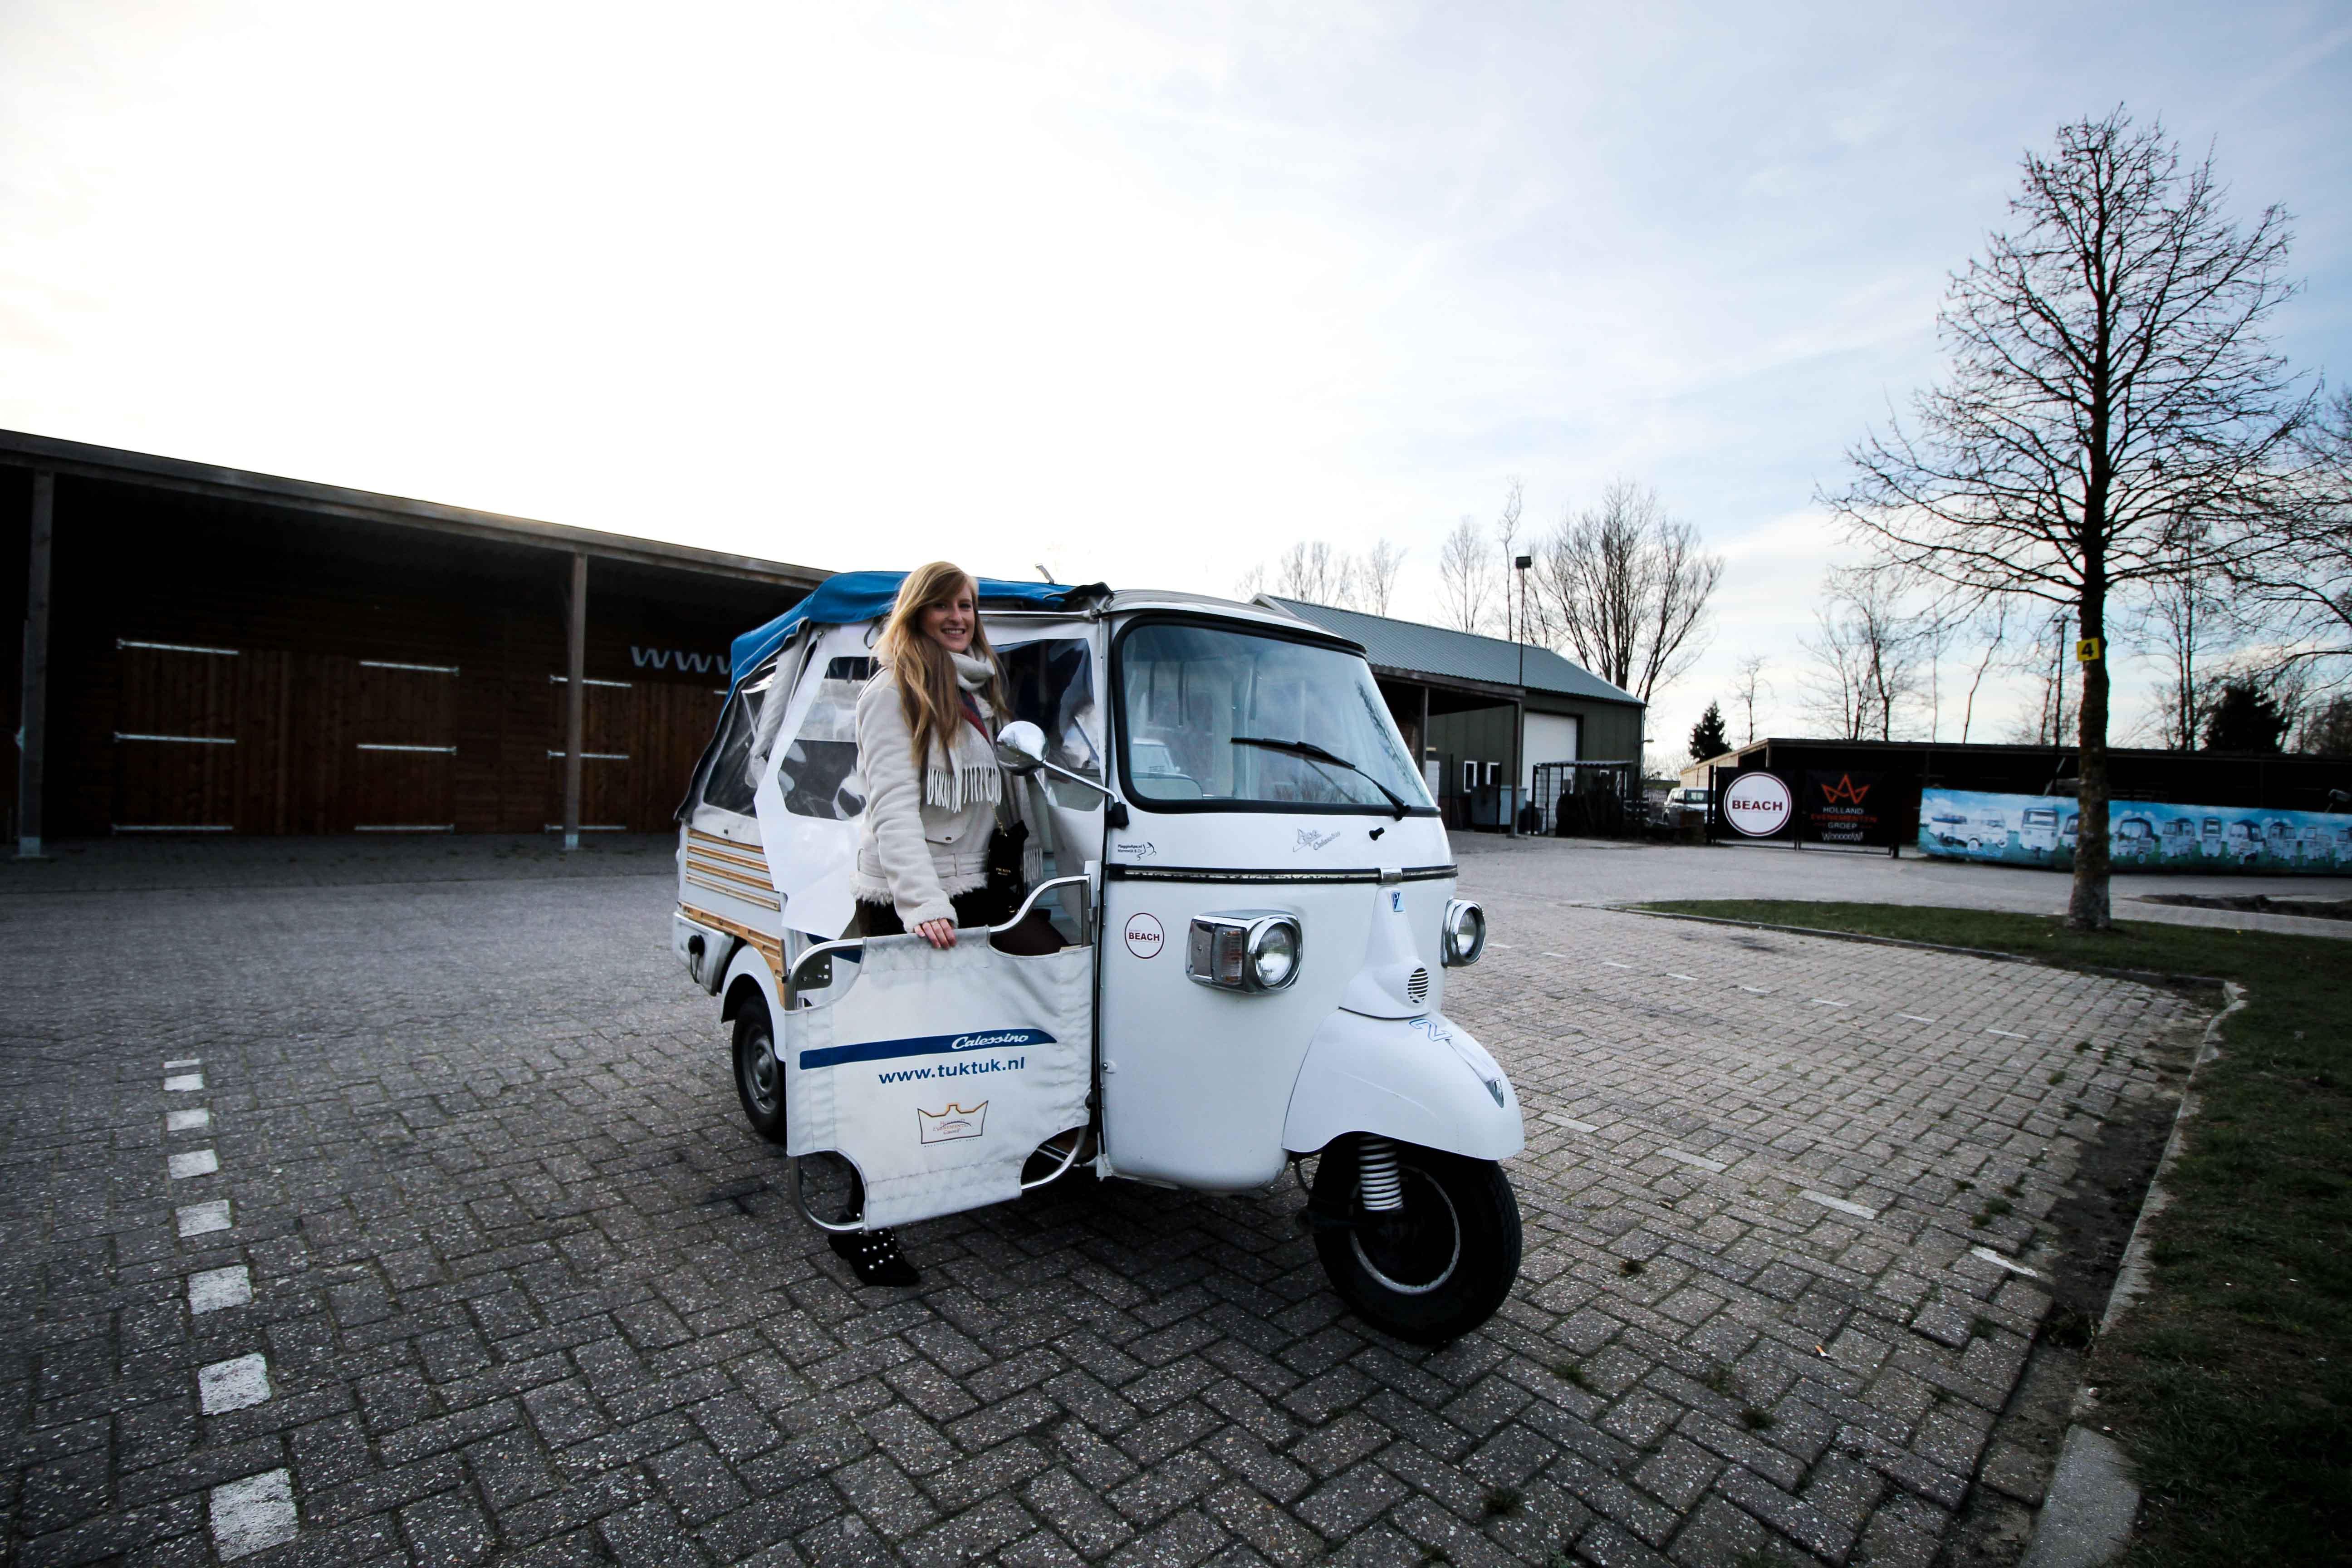 Wochenendtrip Holland Tuk Tuk fahren Holland Evenement Groep Tour Tuk Tuk Bingo das andere Holland Reiseblog Ausflug von Deutschland 2